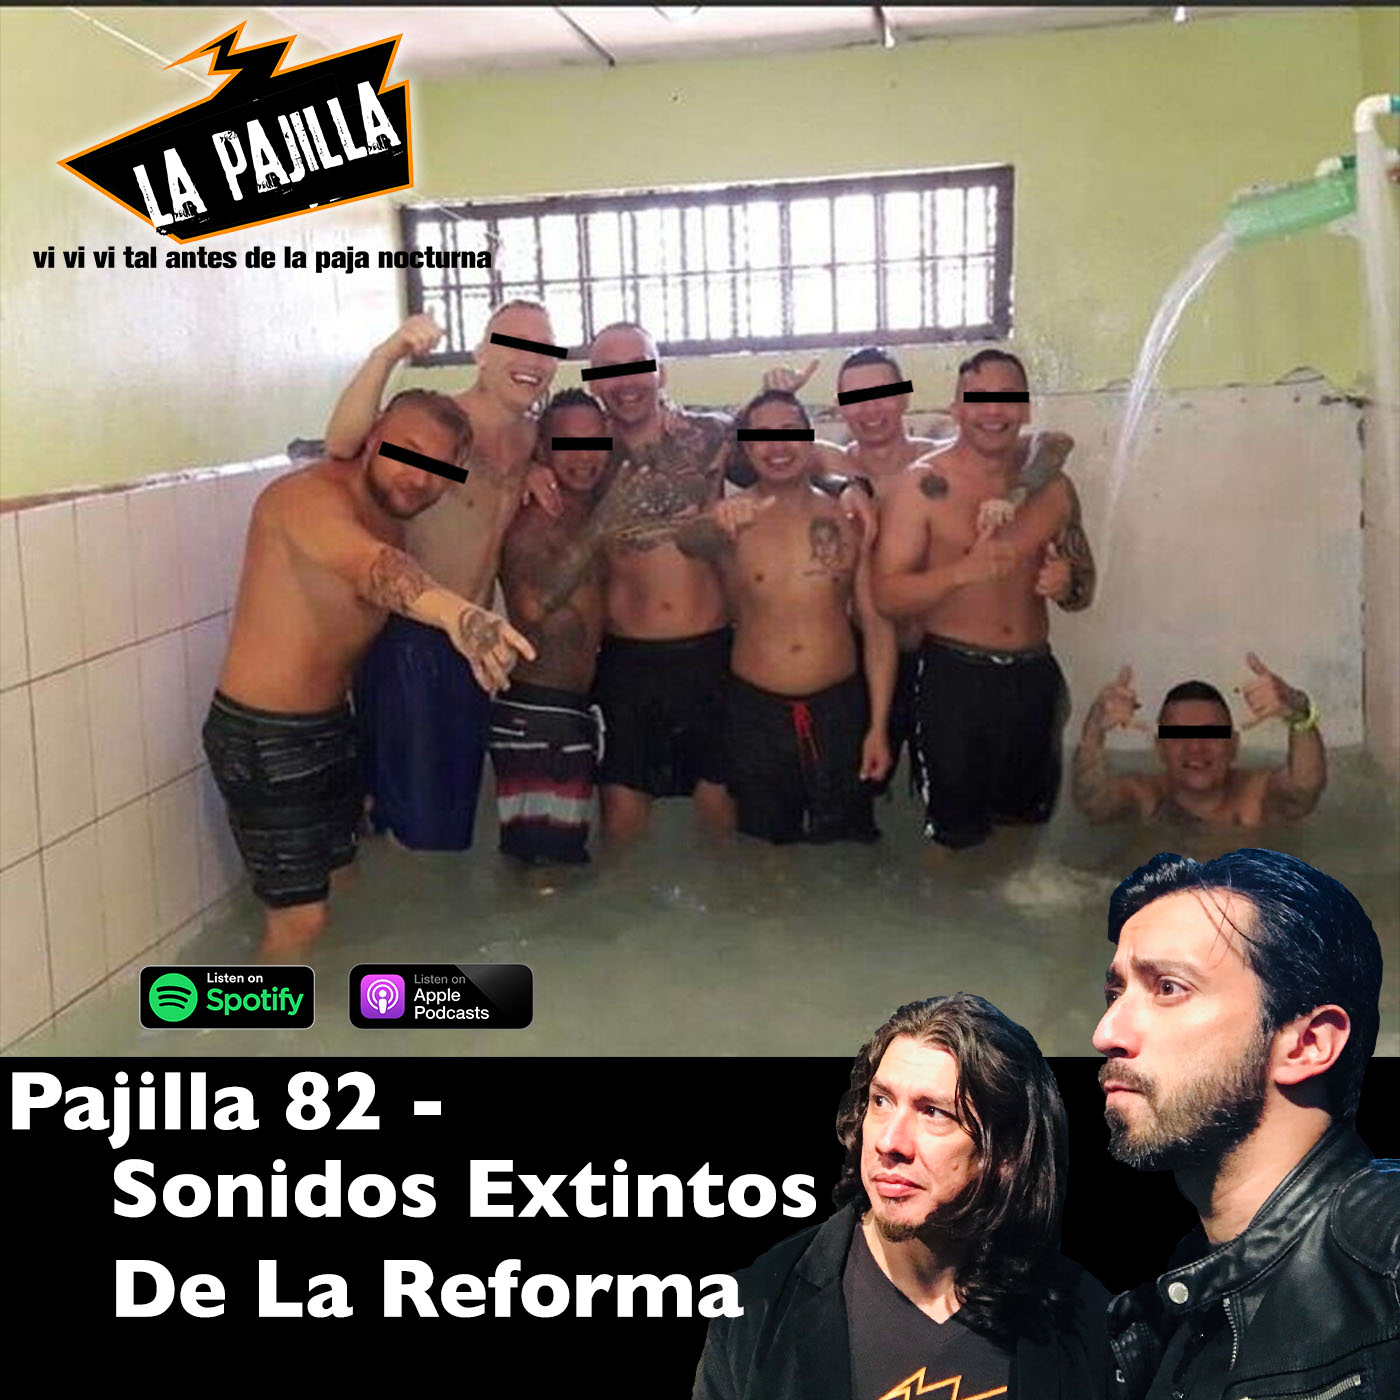 La Paja Nocturna Podcast CR Pajilla 82